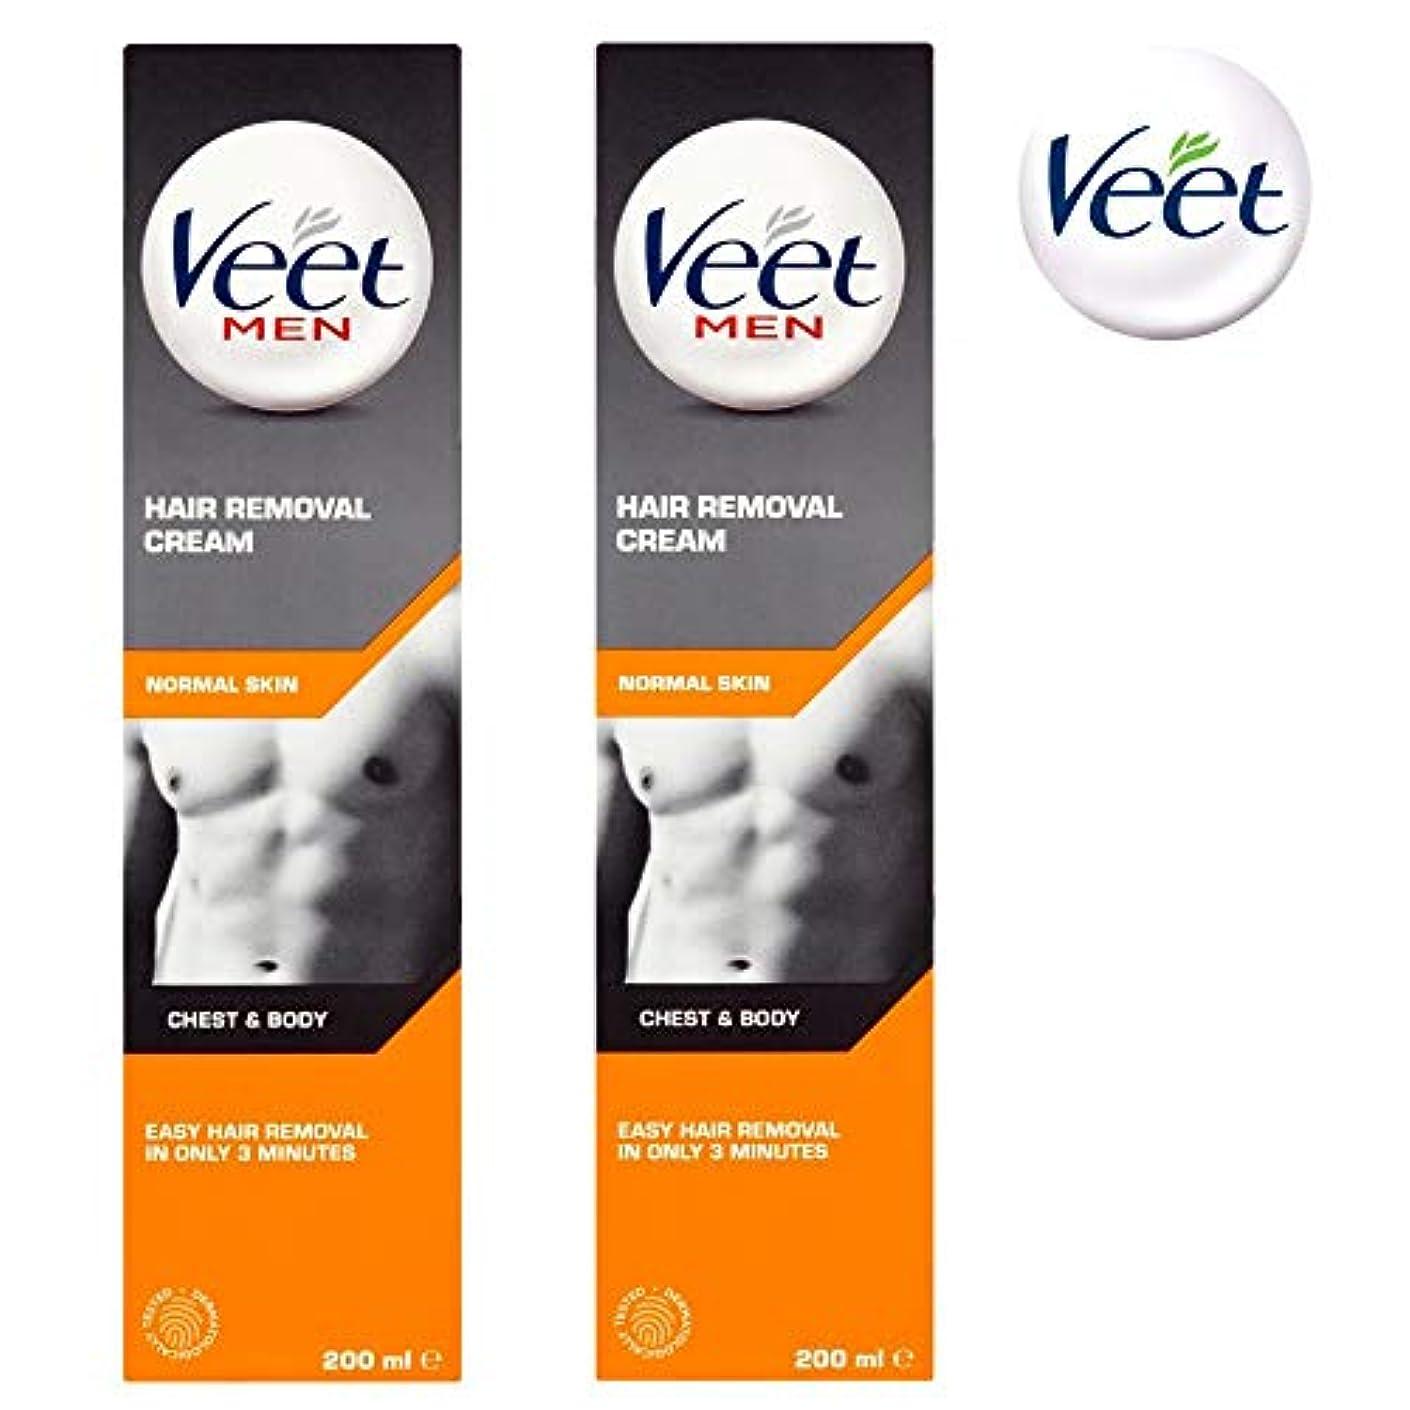 暫定の健全ポゴスティックジャンプ2 X Veet for Men Hair Removal Creme 200 ml-FREE UK DELIVERY by Veet